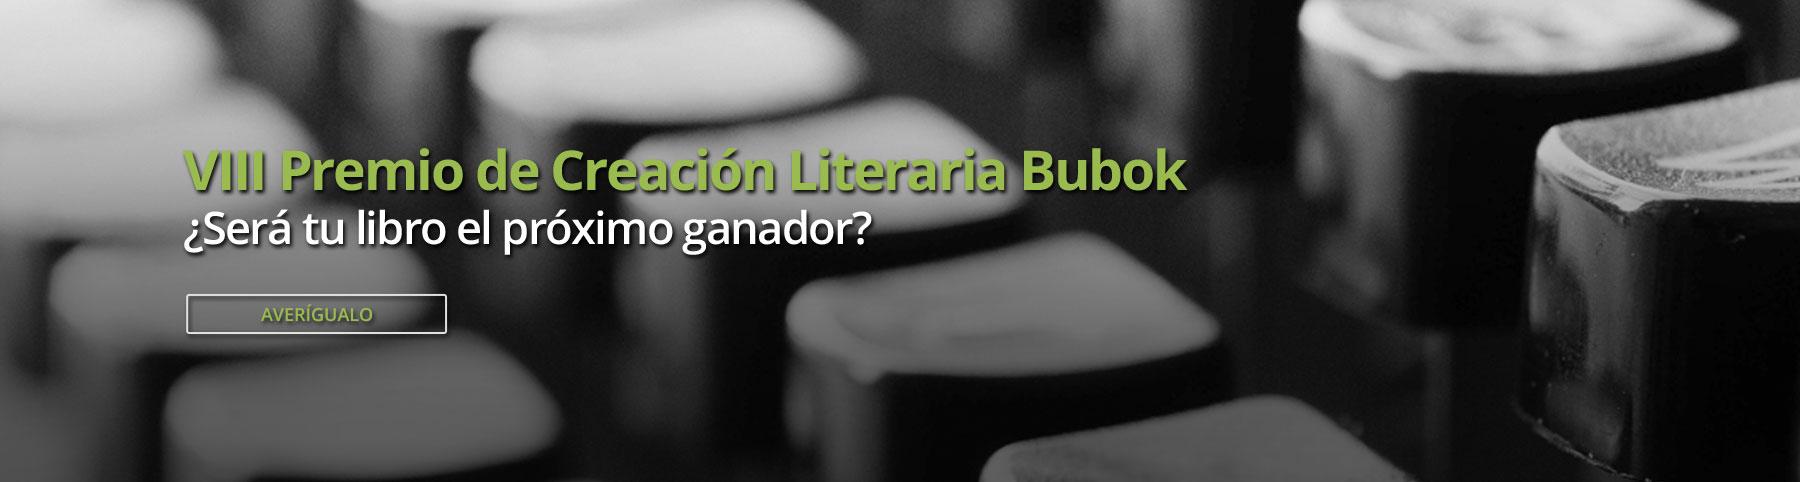 http://www.bubok.com.ar/autores/octavo-concurso-literario/registrar